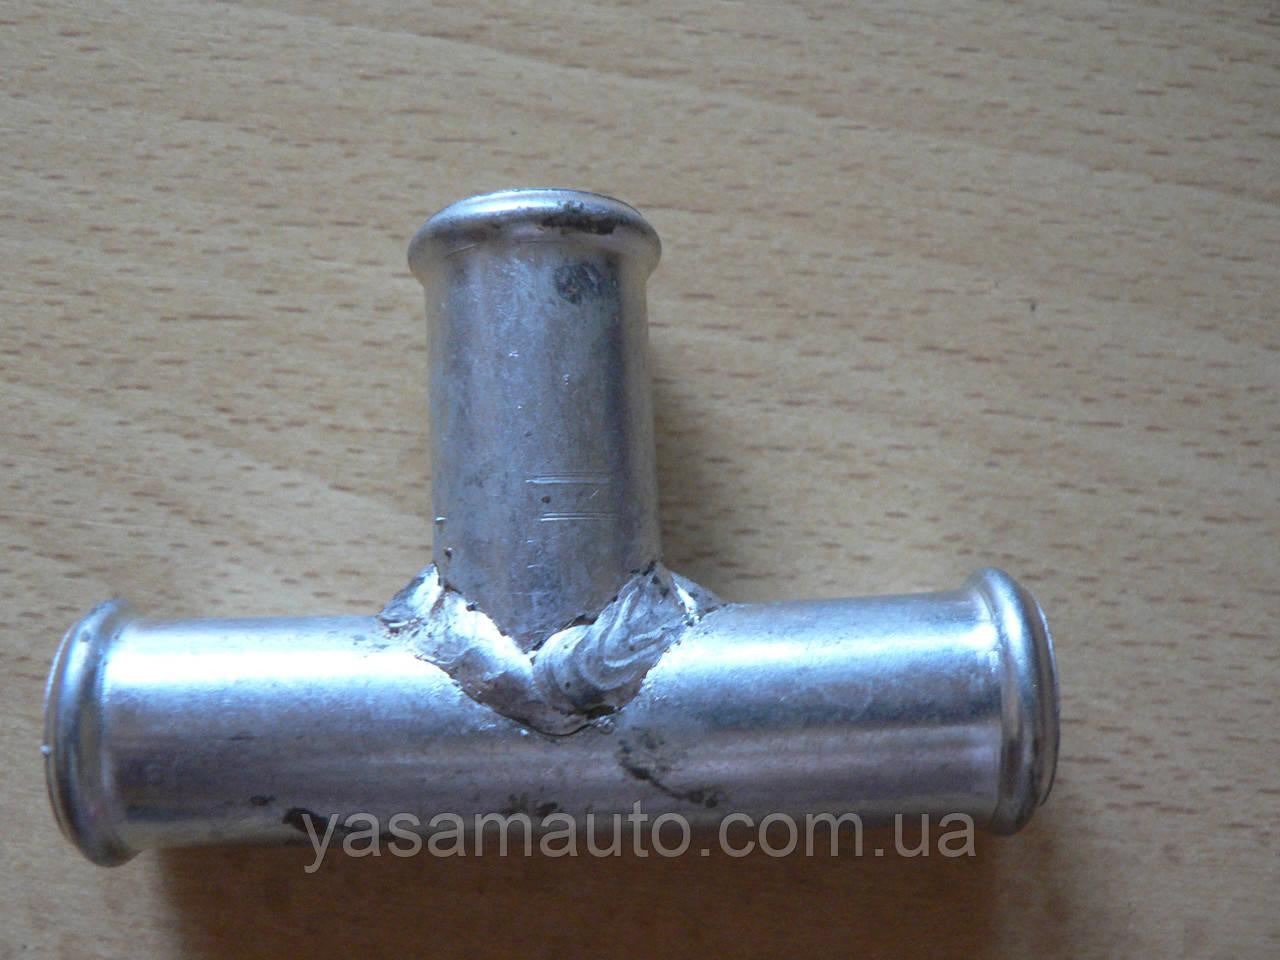 Соединитель Тройник 18х18х18мм шлангов металлический гладкий автомобильный для на авто